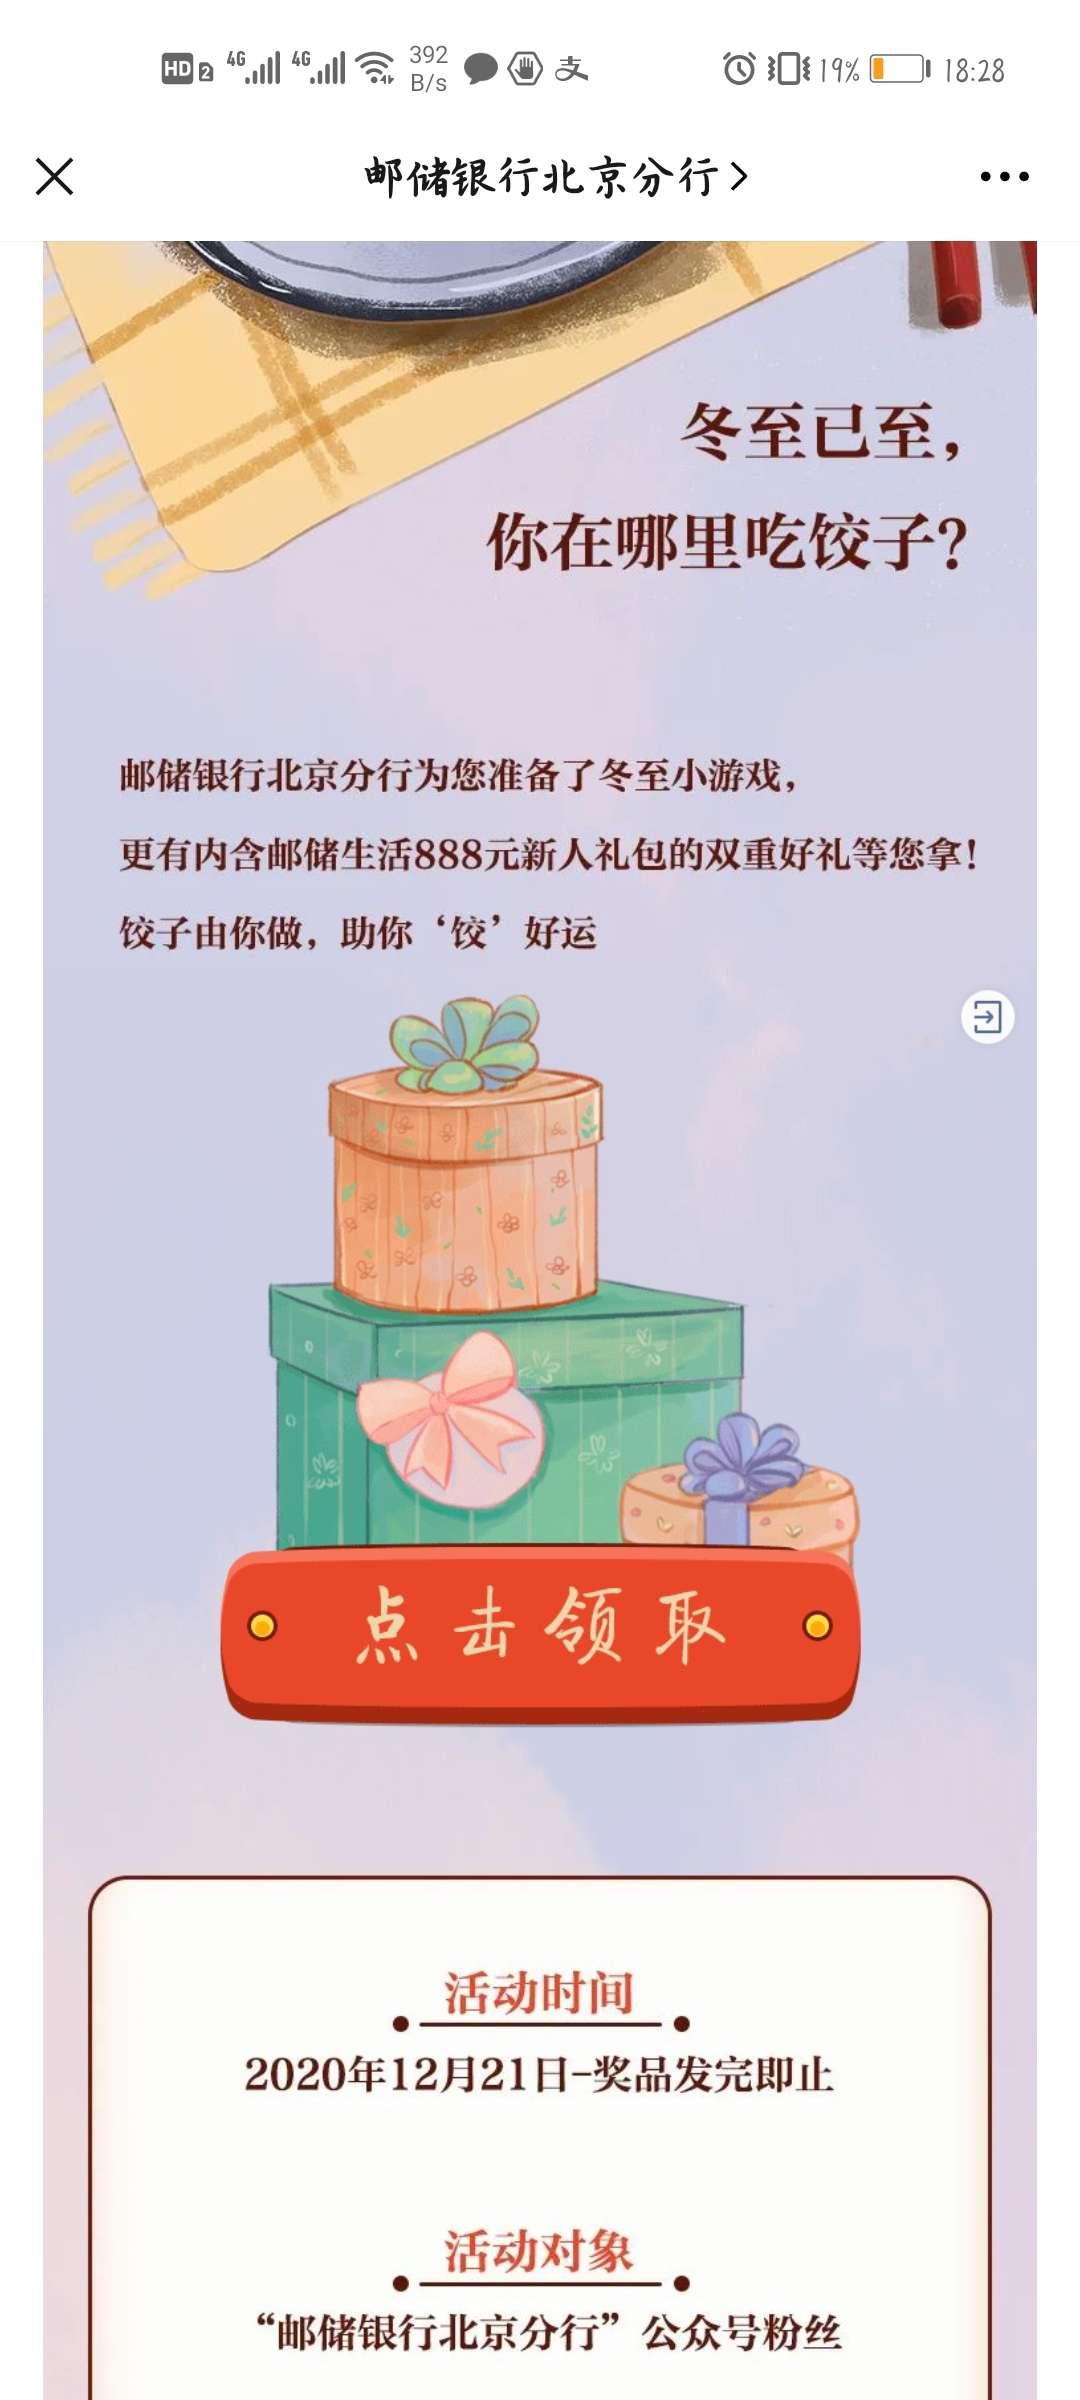 图片[1]-邮储银行北京分行做活动领红包-老友薅羊毛活动线报网